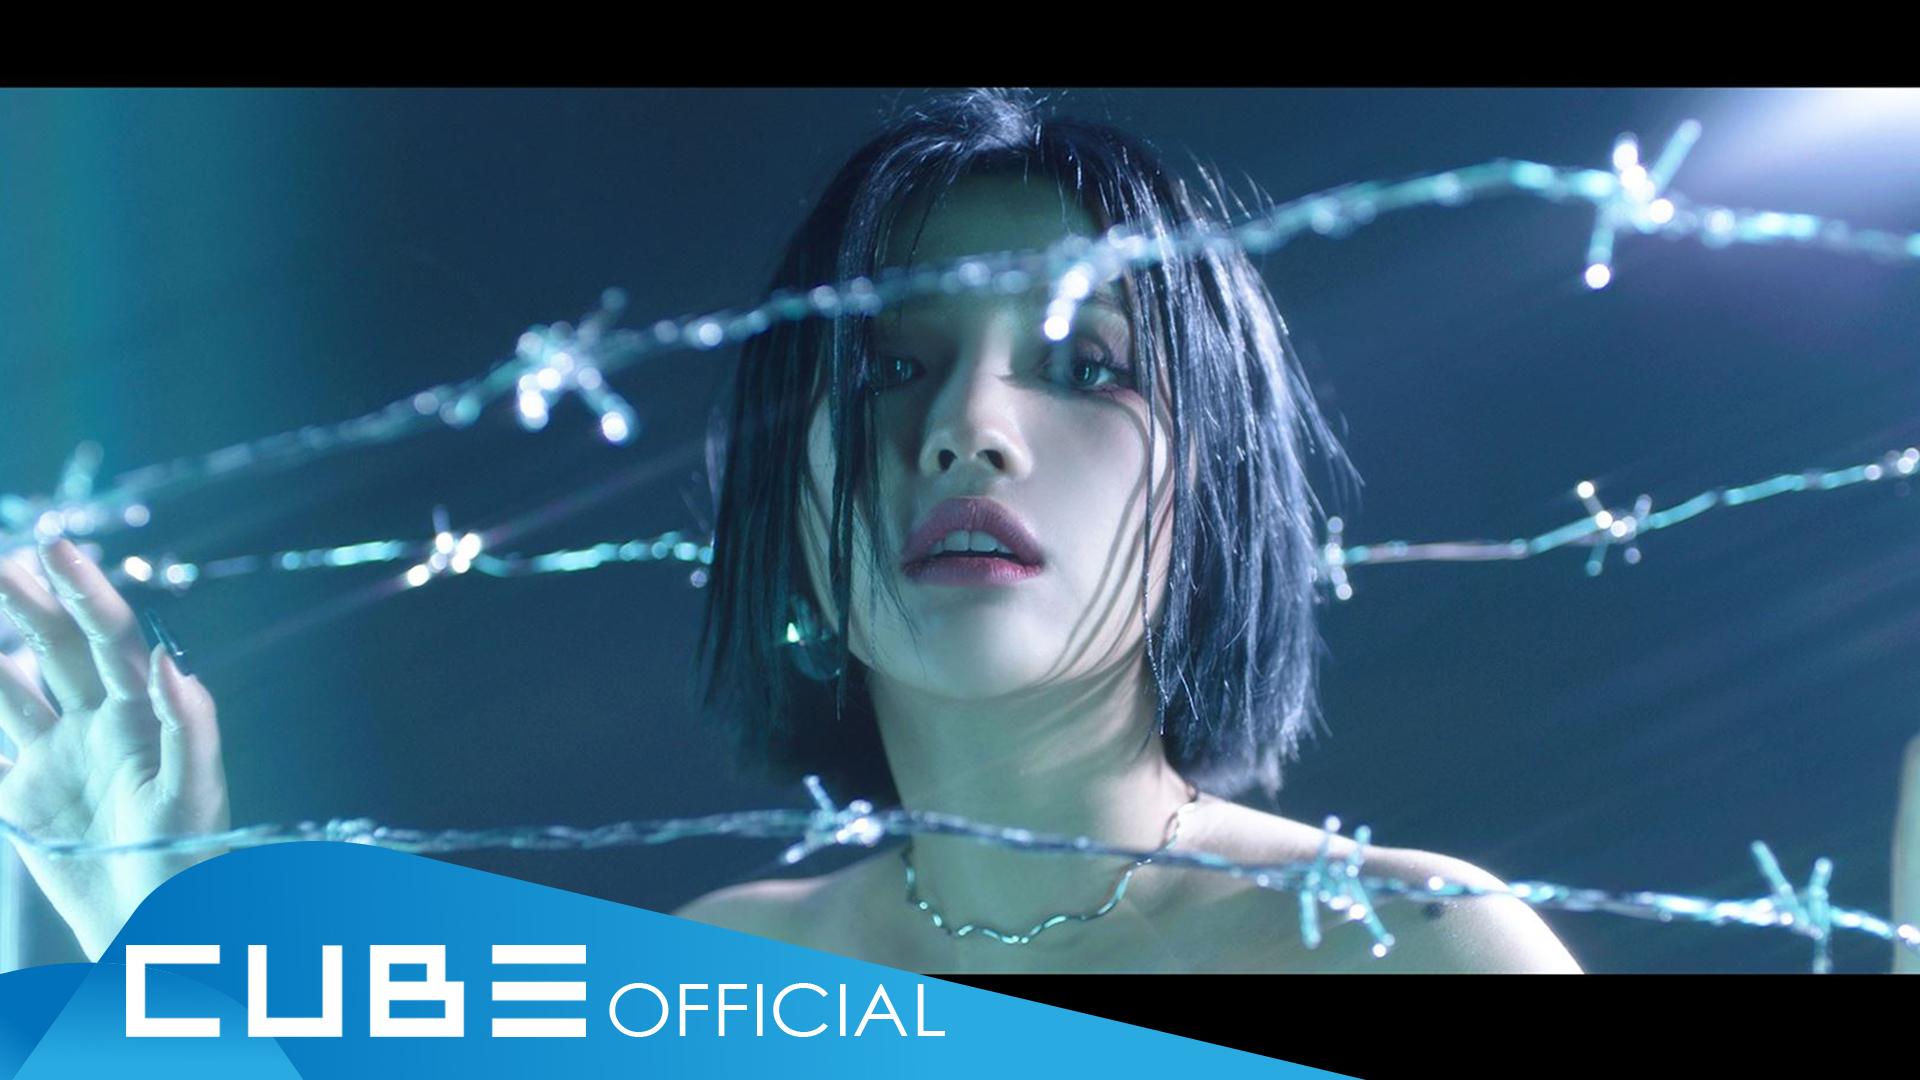 (여자)아이들 - 'Oh my god' Official Music Video